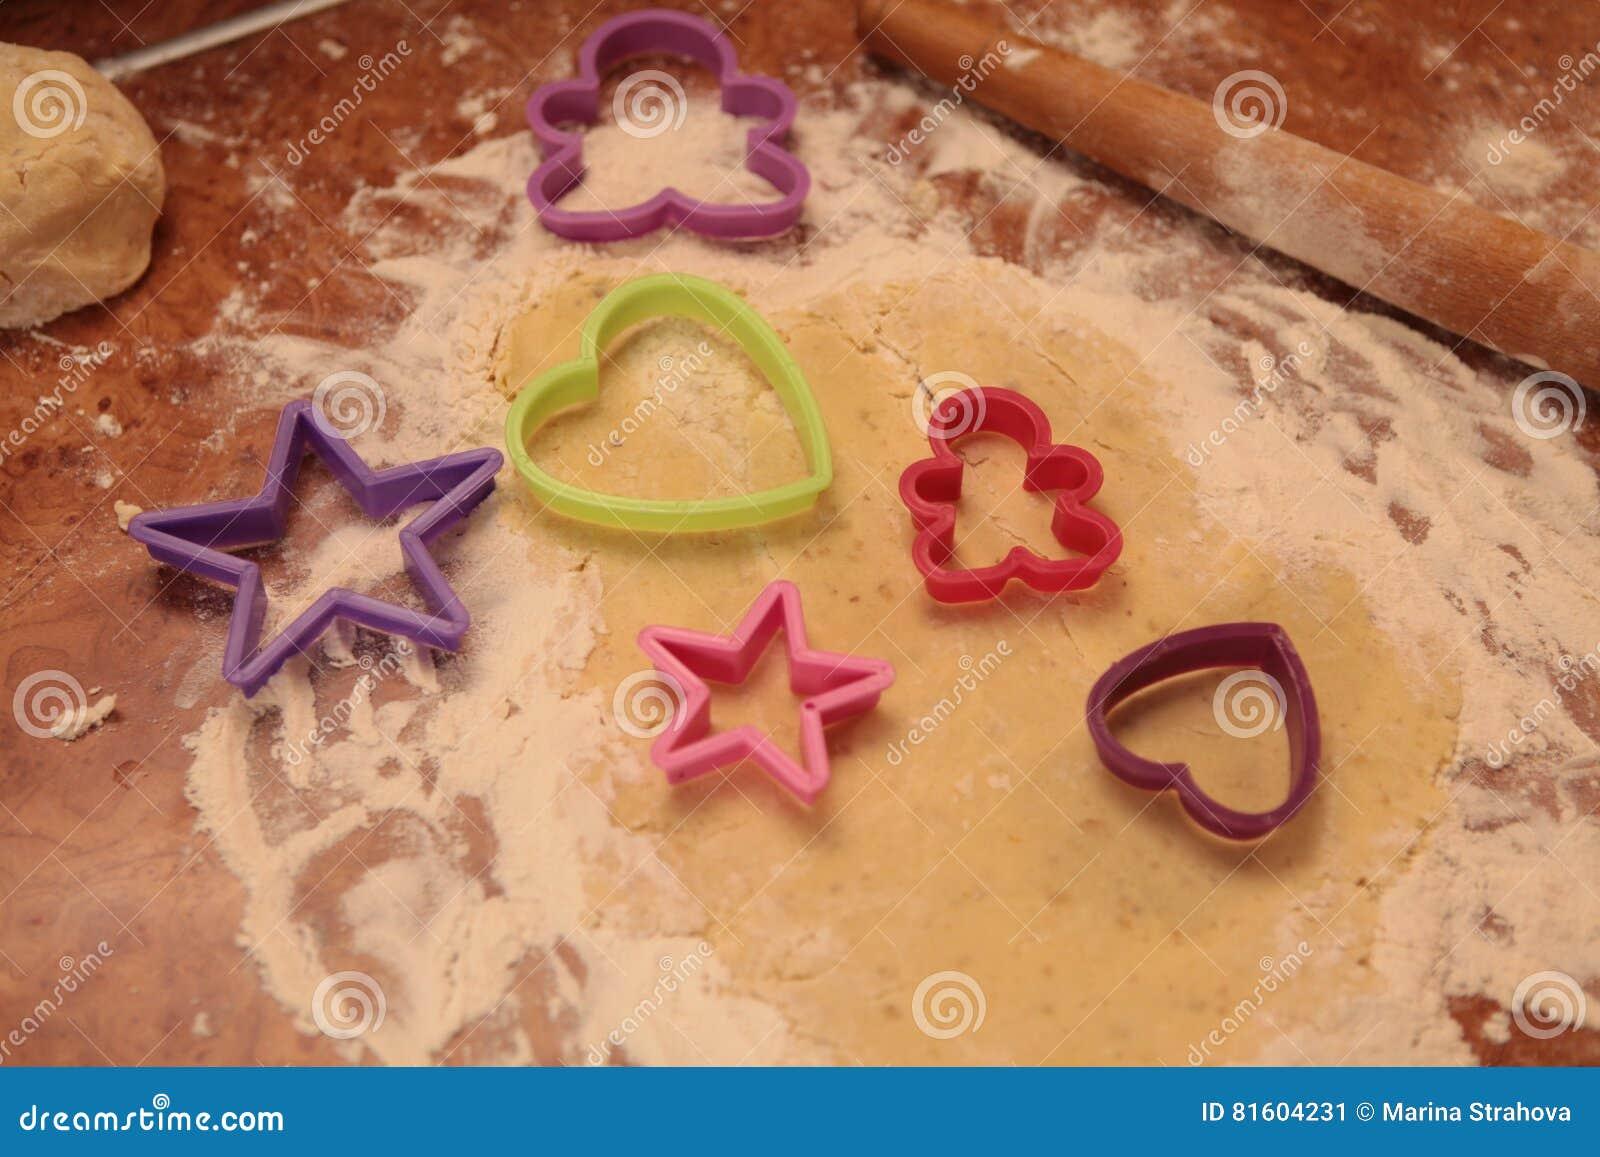 Prepari i biscotti saporiti Concetto  nucleo familiare